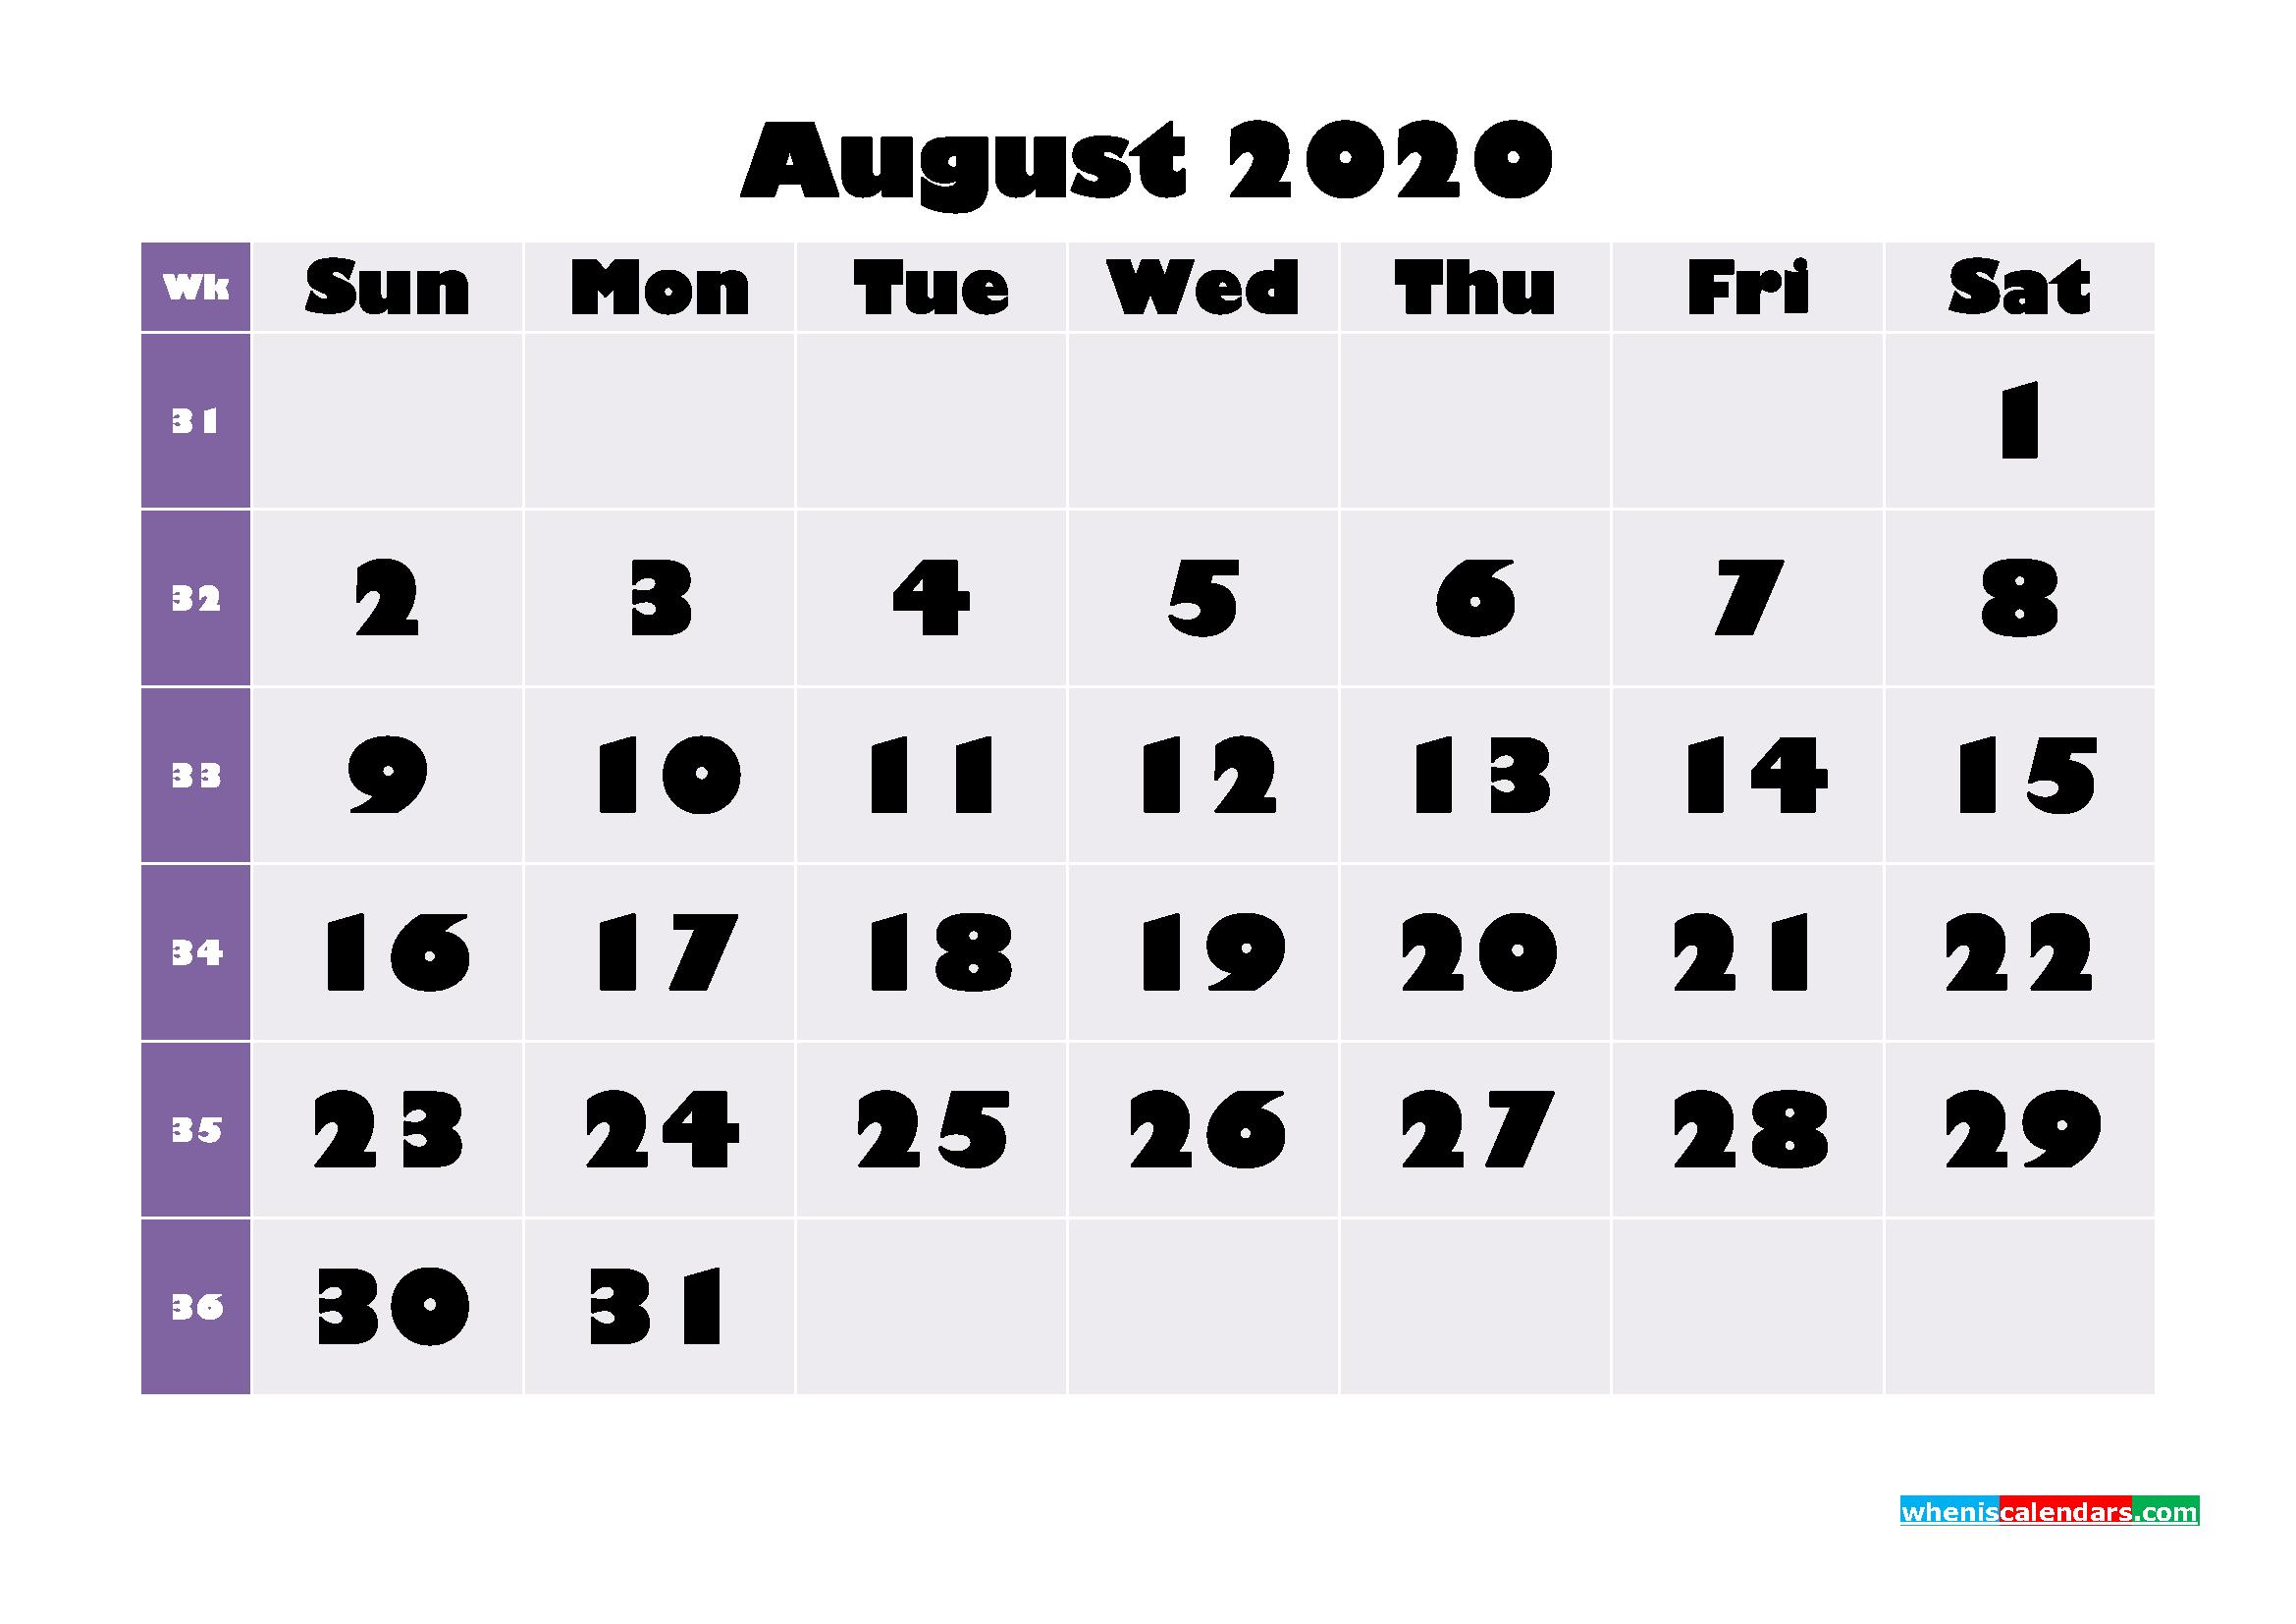 Free Printable August 2020 Calendar - No.m20b680